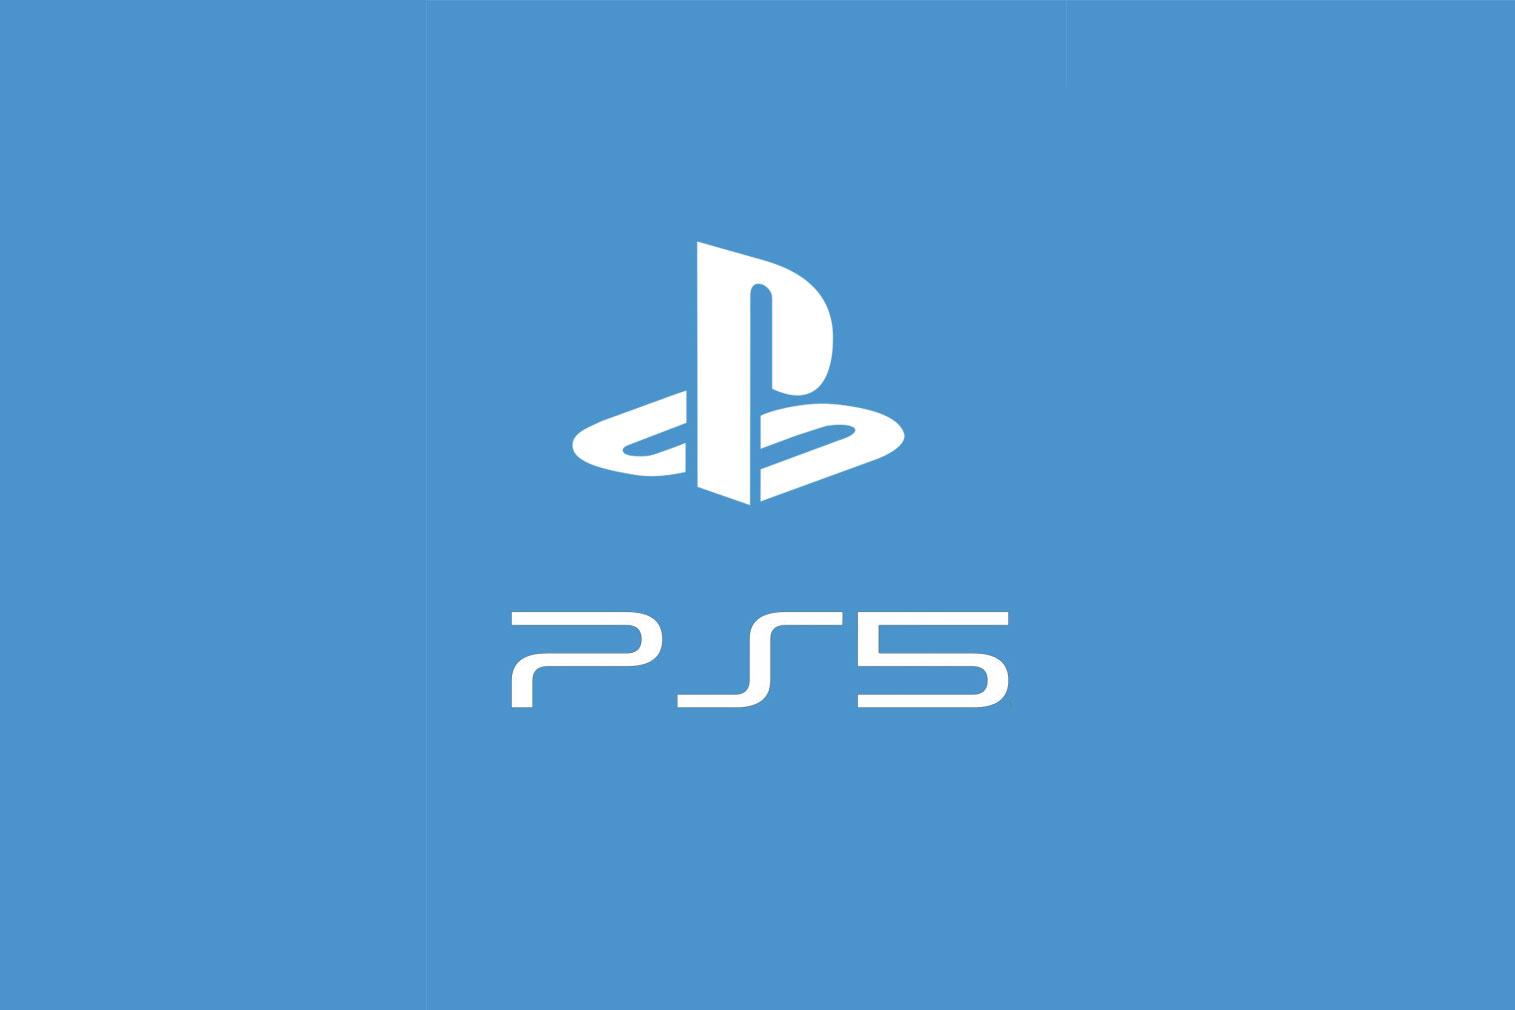 专利暗示索尼PS5 Pro有戏:不着急的可以坐等了